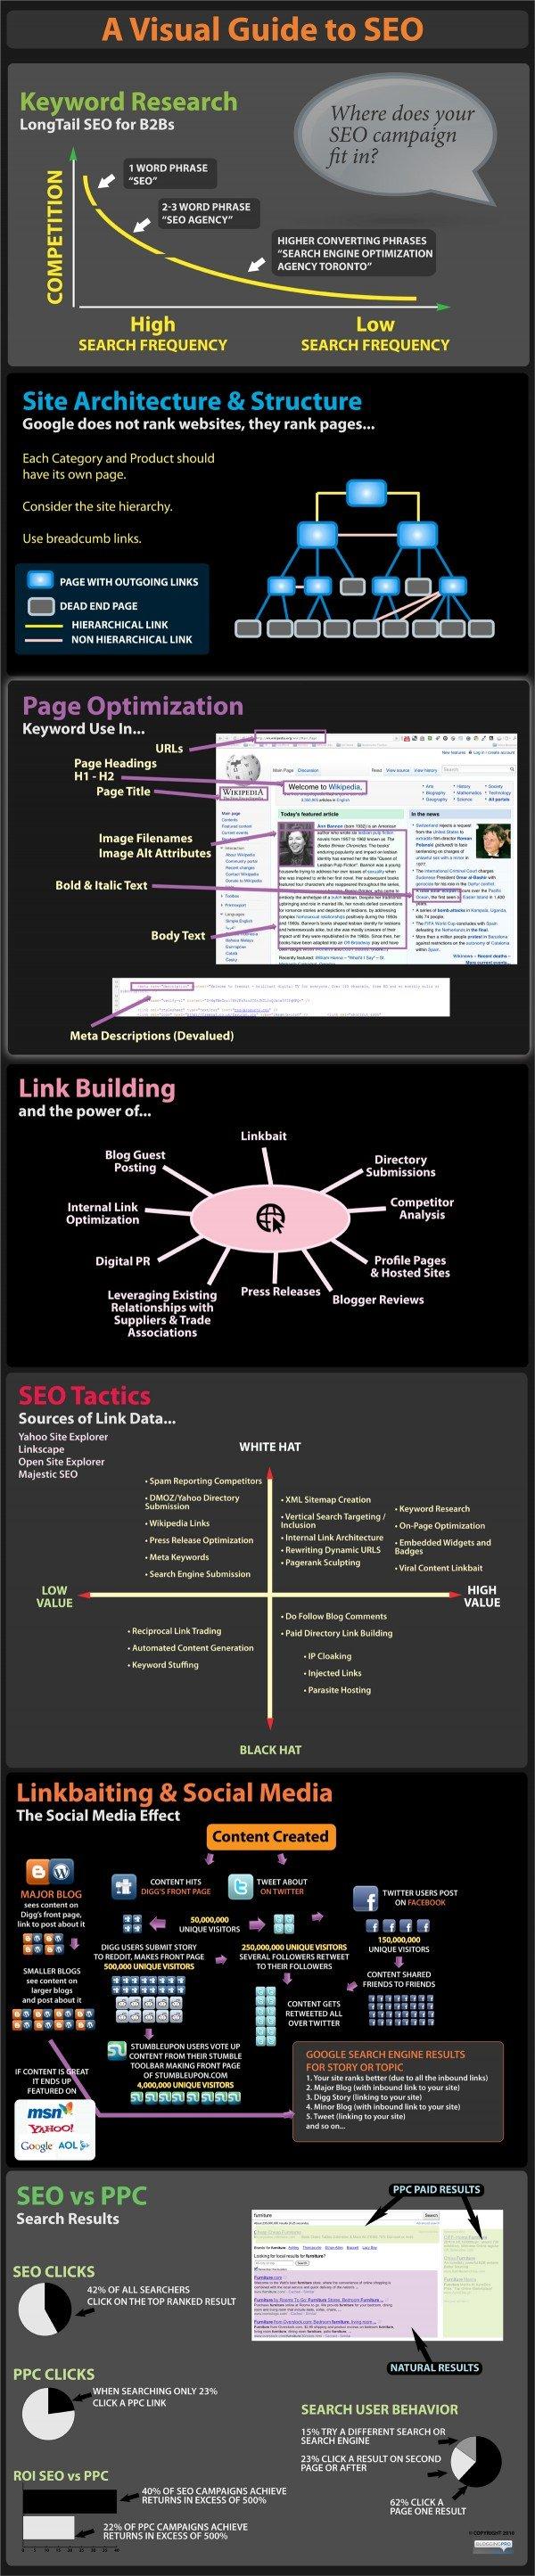 seo-infographic-bpro-600x2890